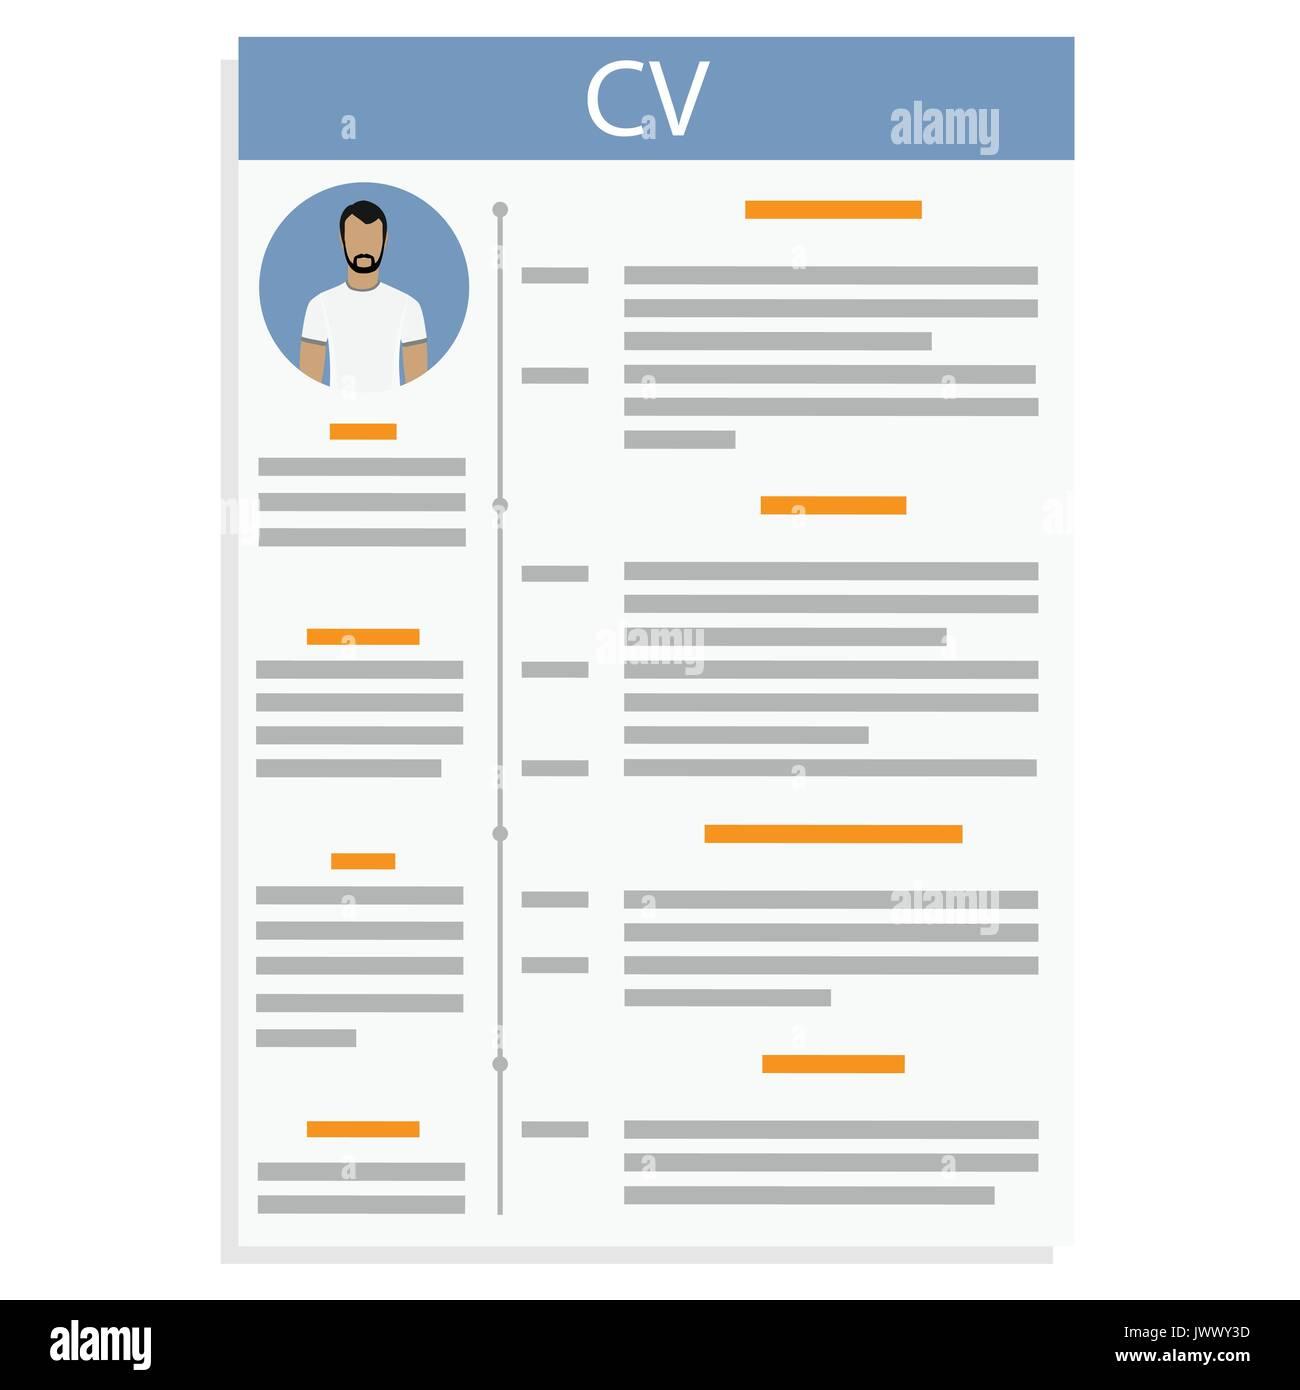 Cv Icon Imágenes De Stock & Cv Icon Fotos De Stock - Página 7 - Alamy